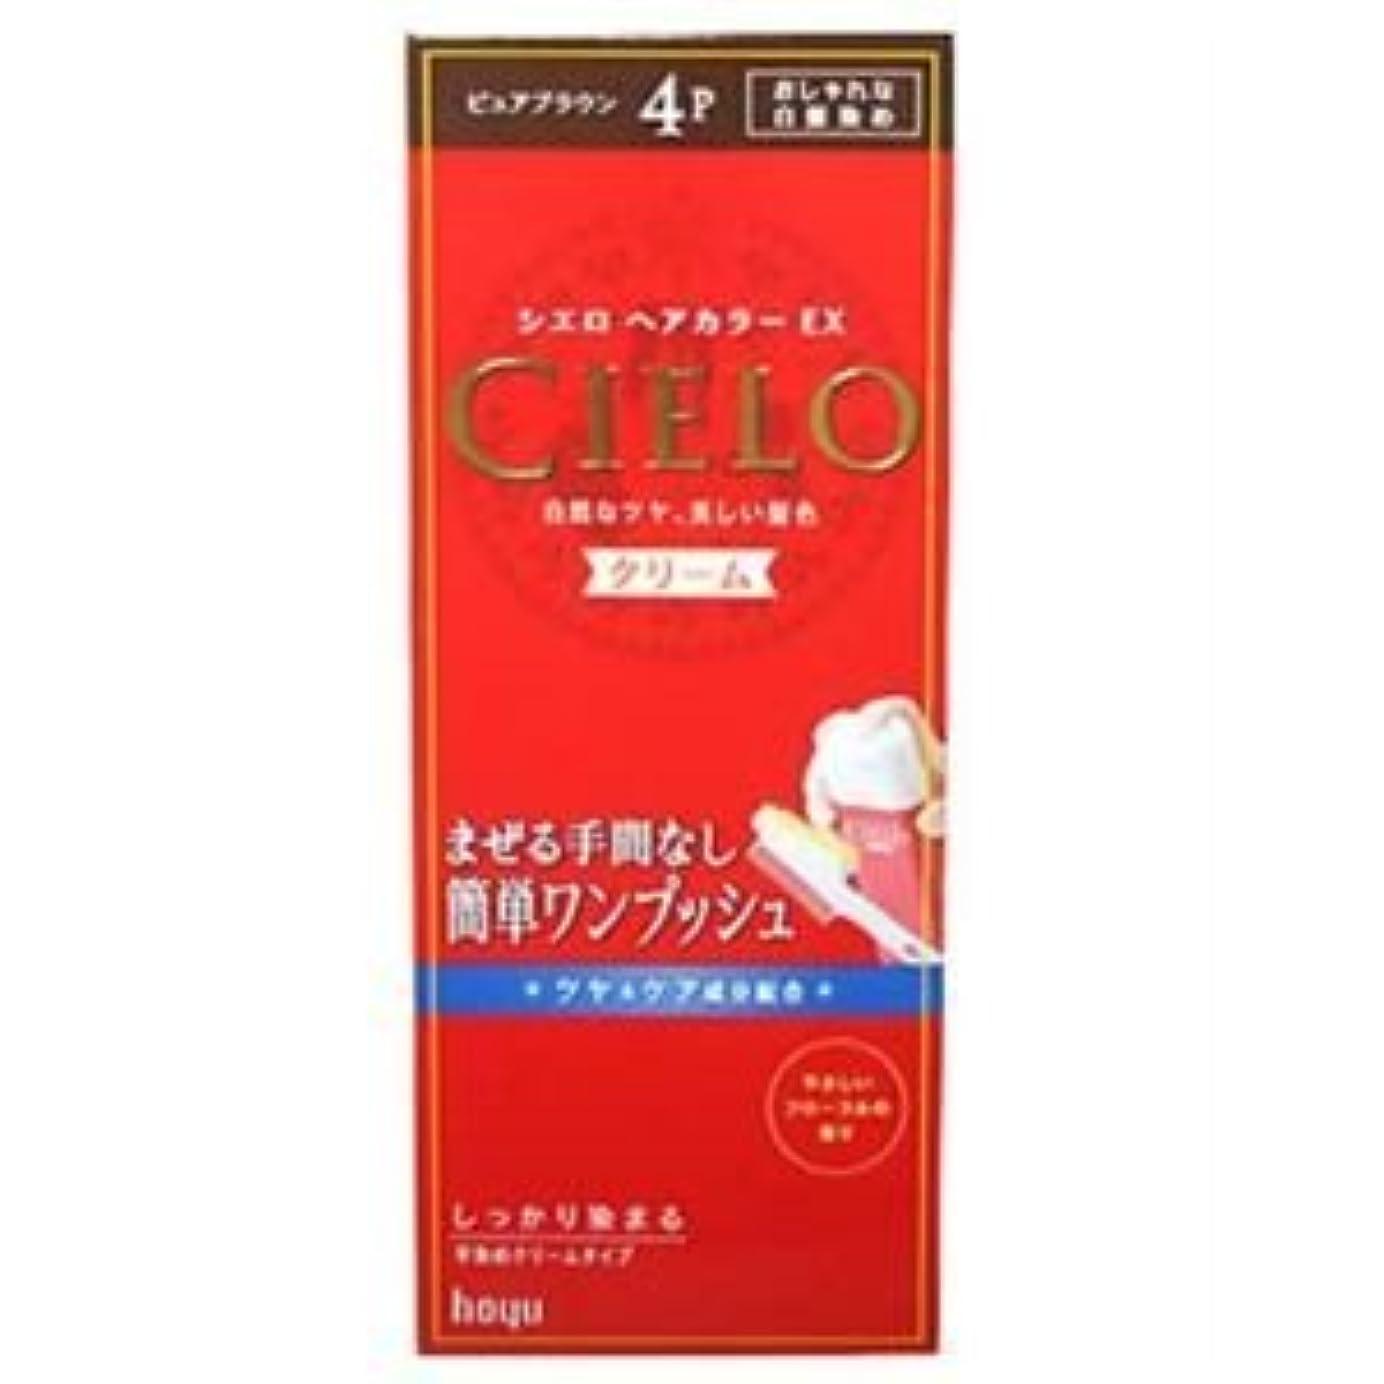 幾分素敵なフォークシエロ ヘアカラーEX クリーム4P (ピュアブラウン) 7セット